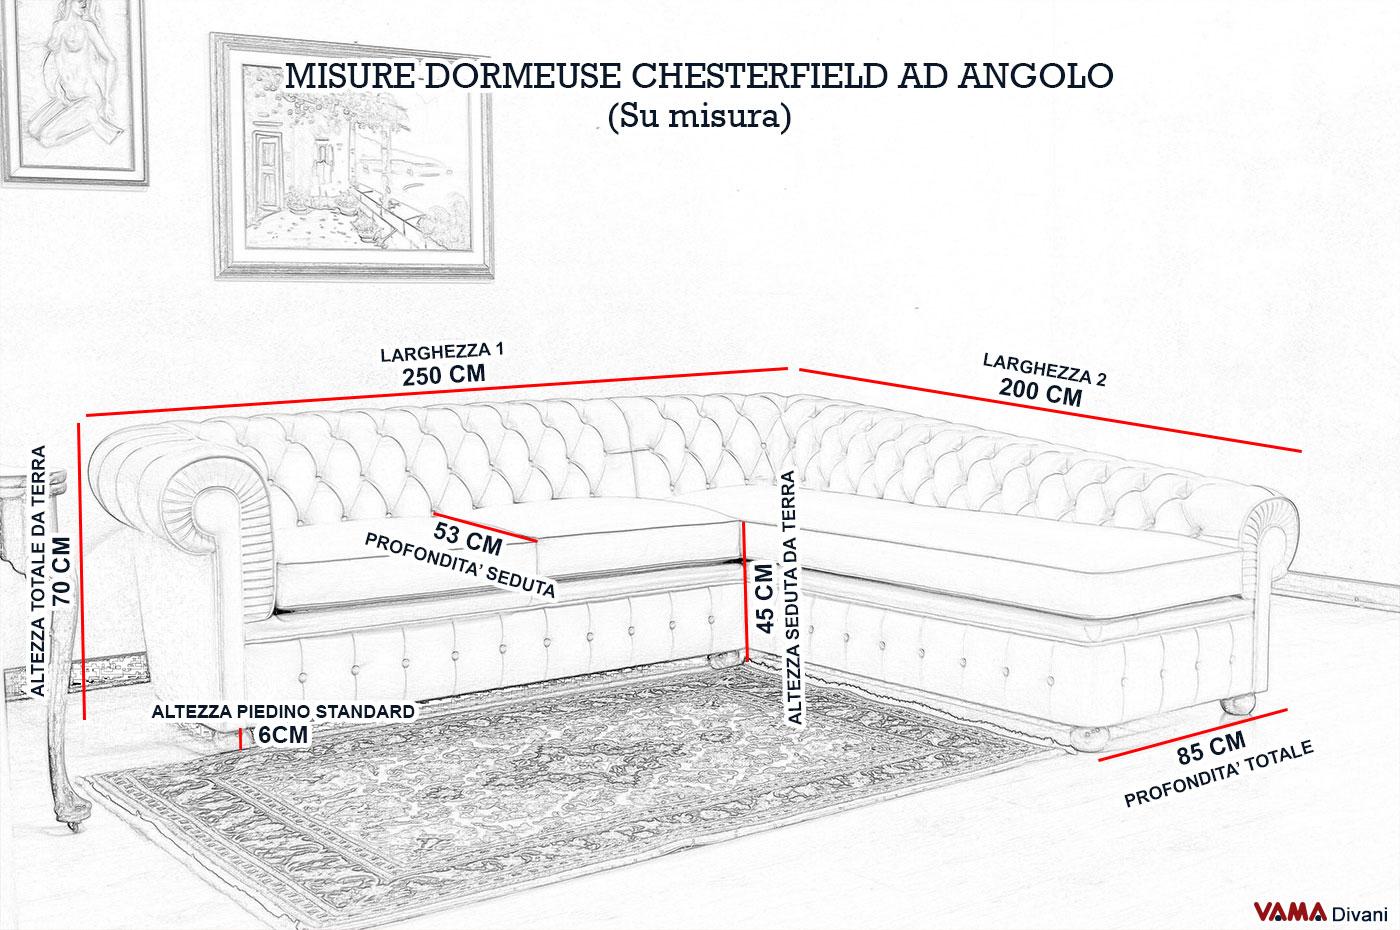 Dormeuse chesterfield angolare con penisola prezzi e misure for Divani ad angolo misure